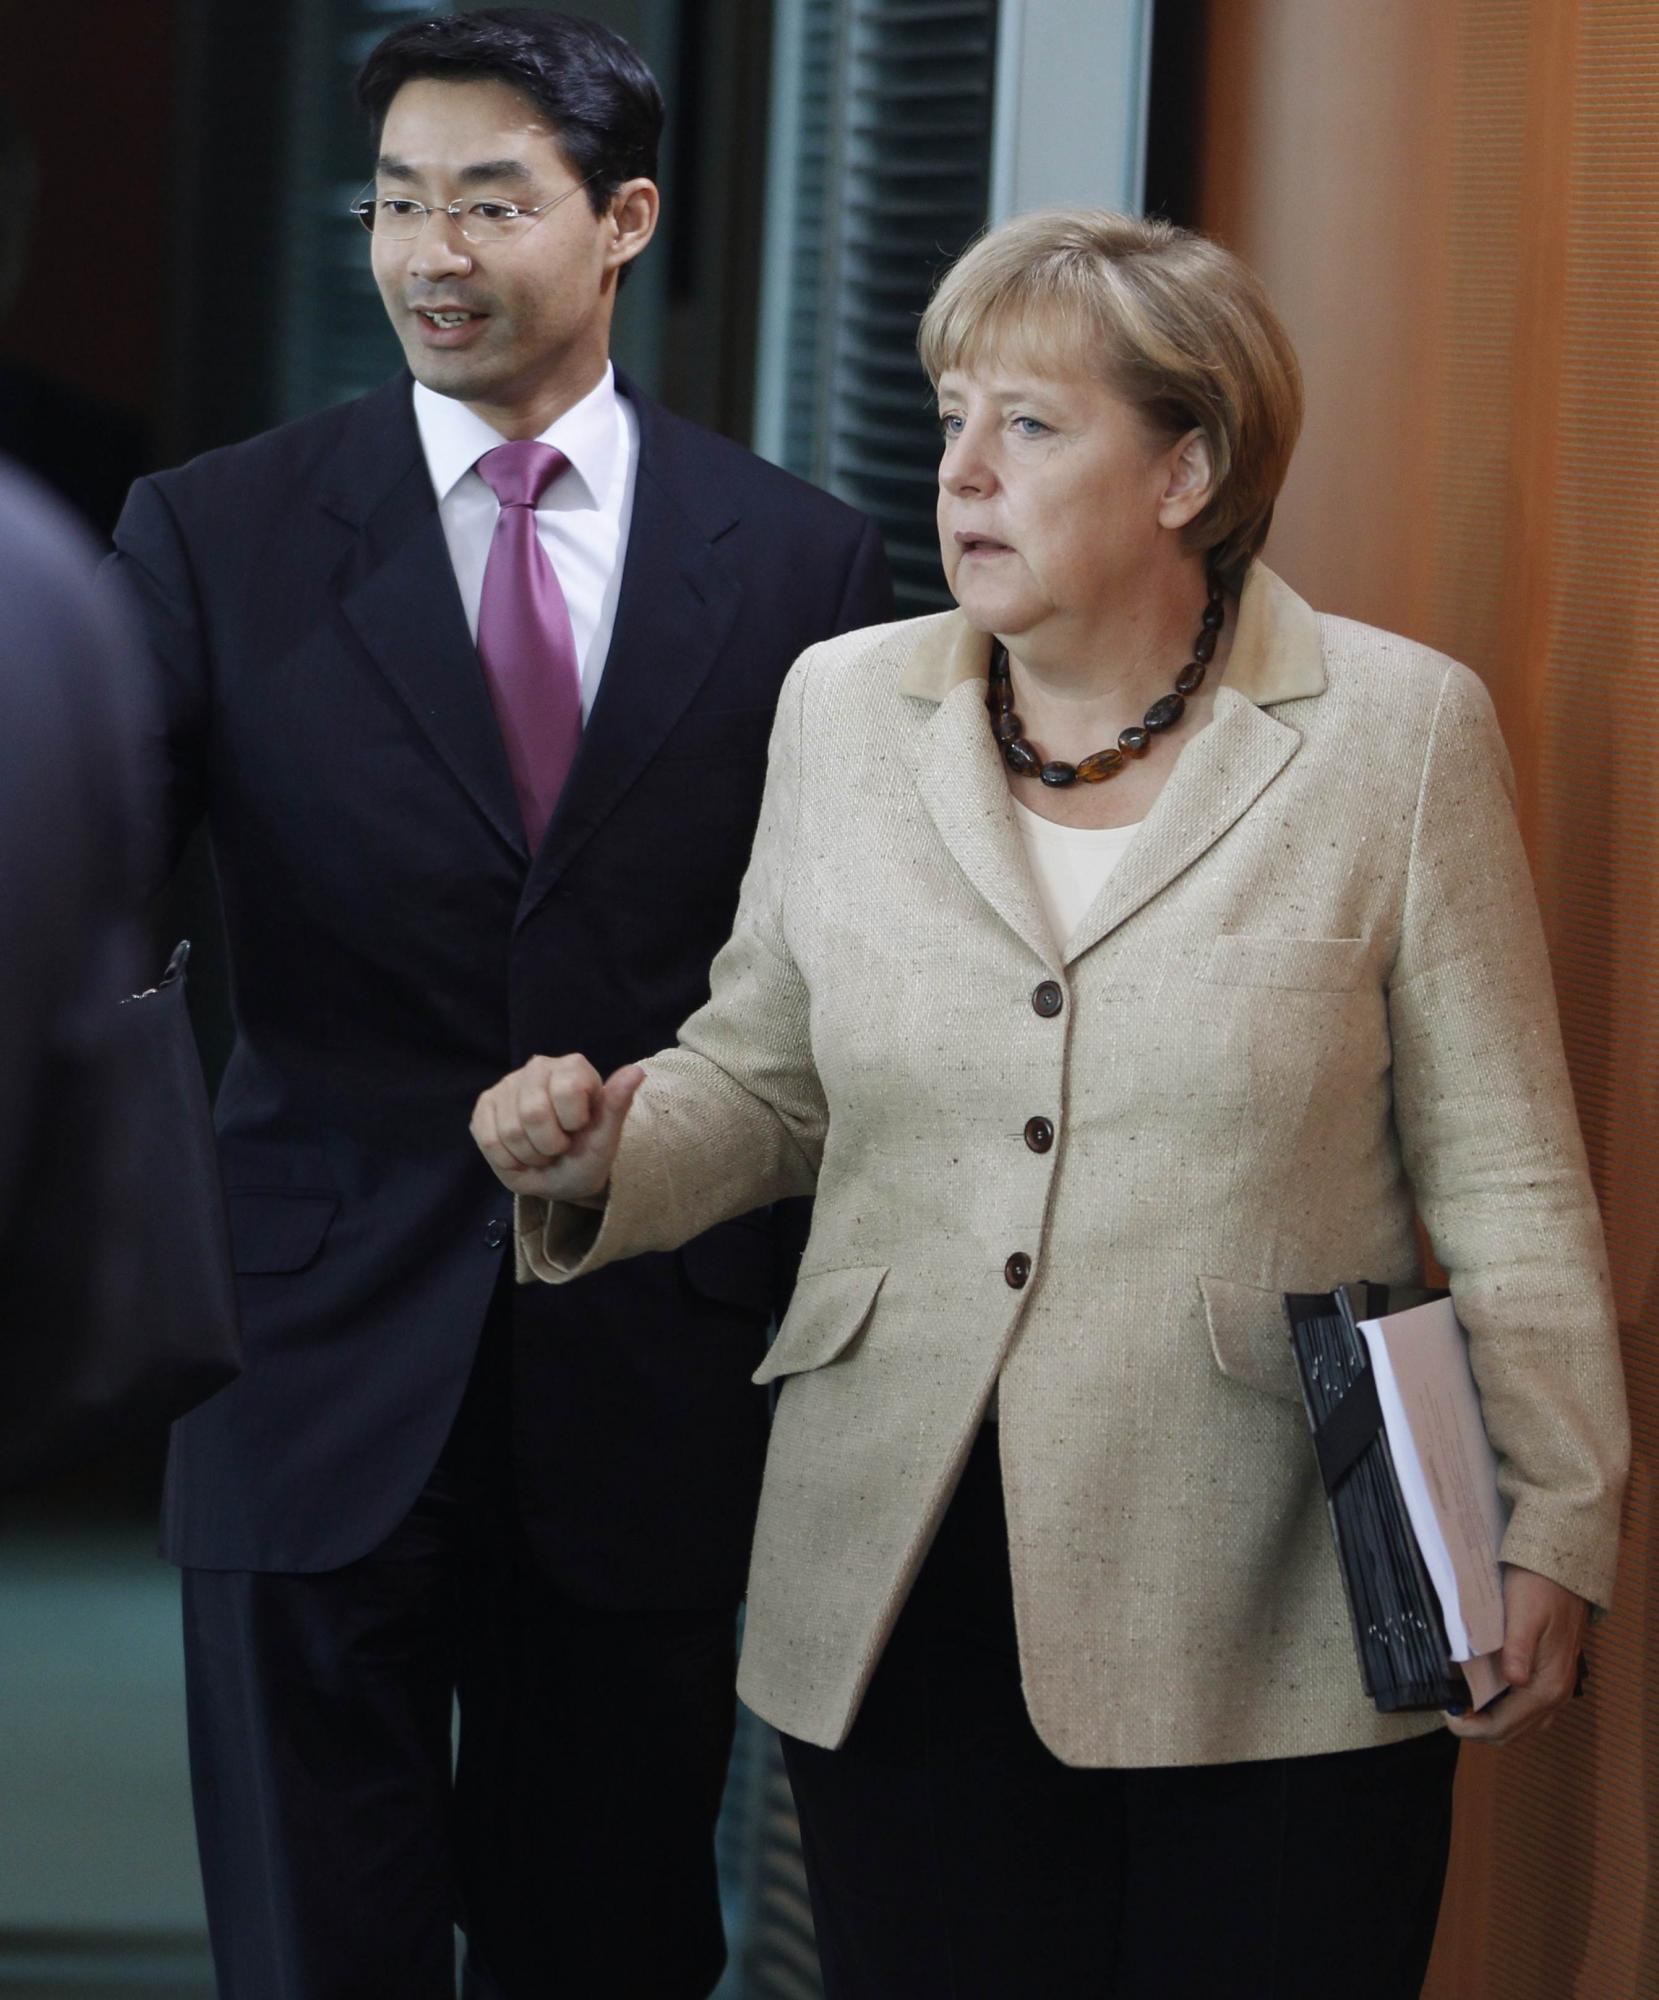 意大利借钱让世界紧张 欧元区成败在此一举